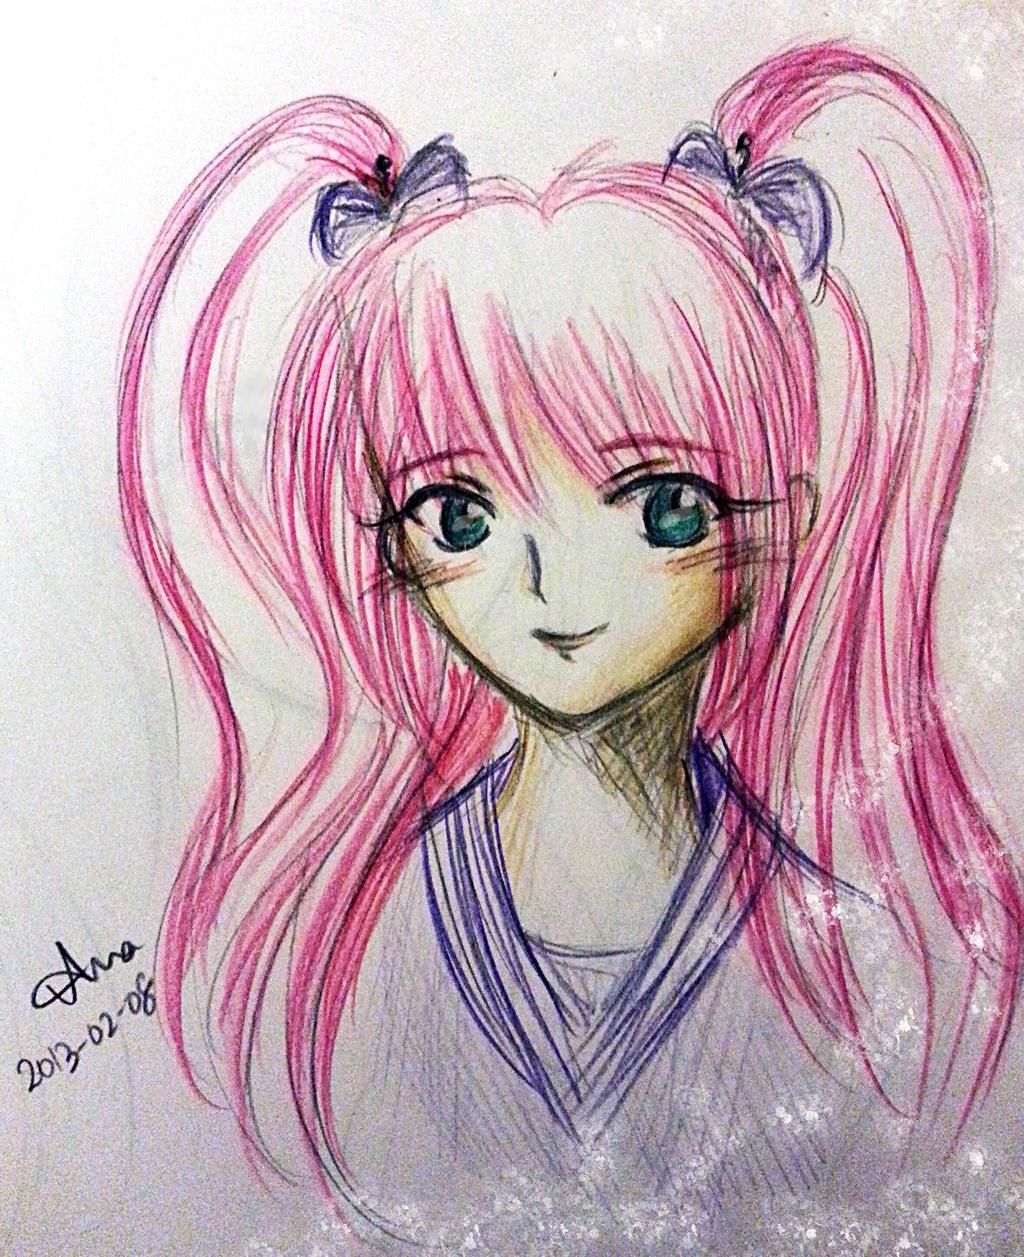 Young Erin - for Kurohiko